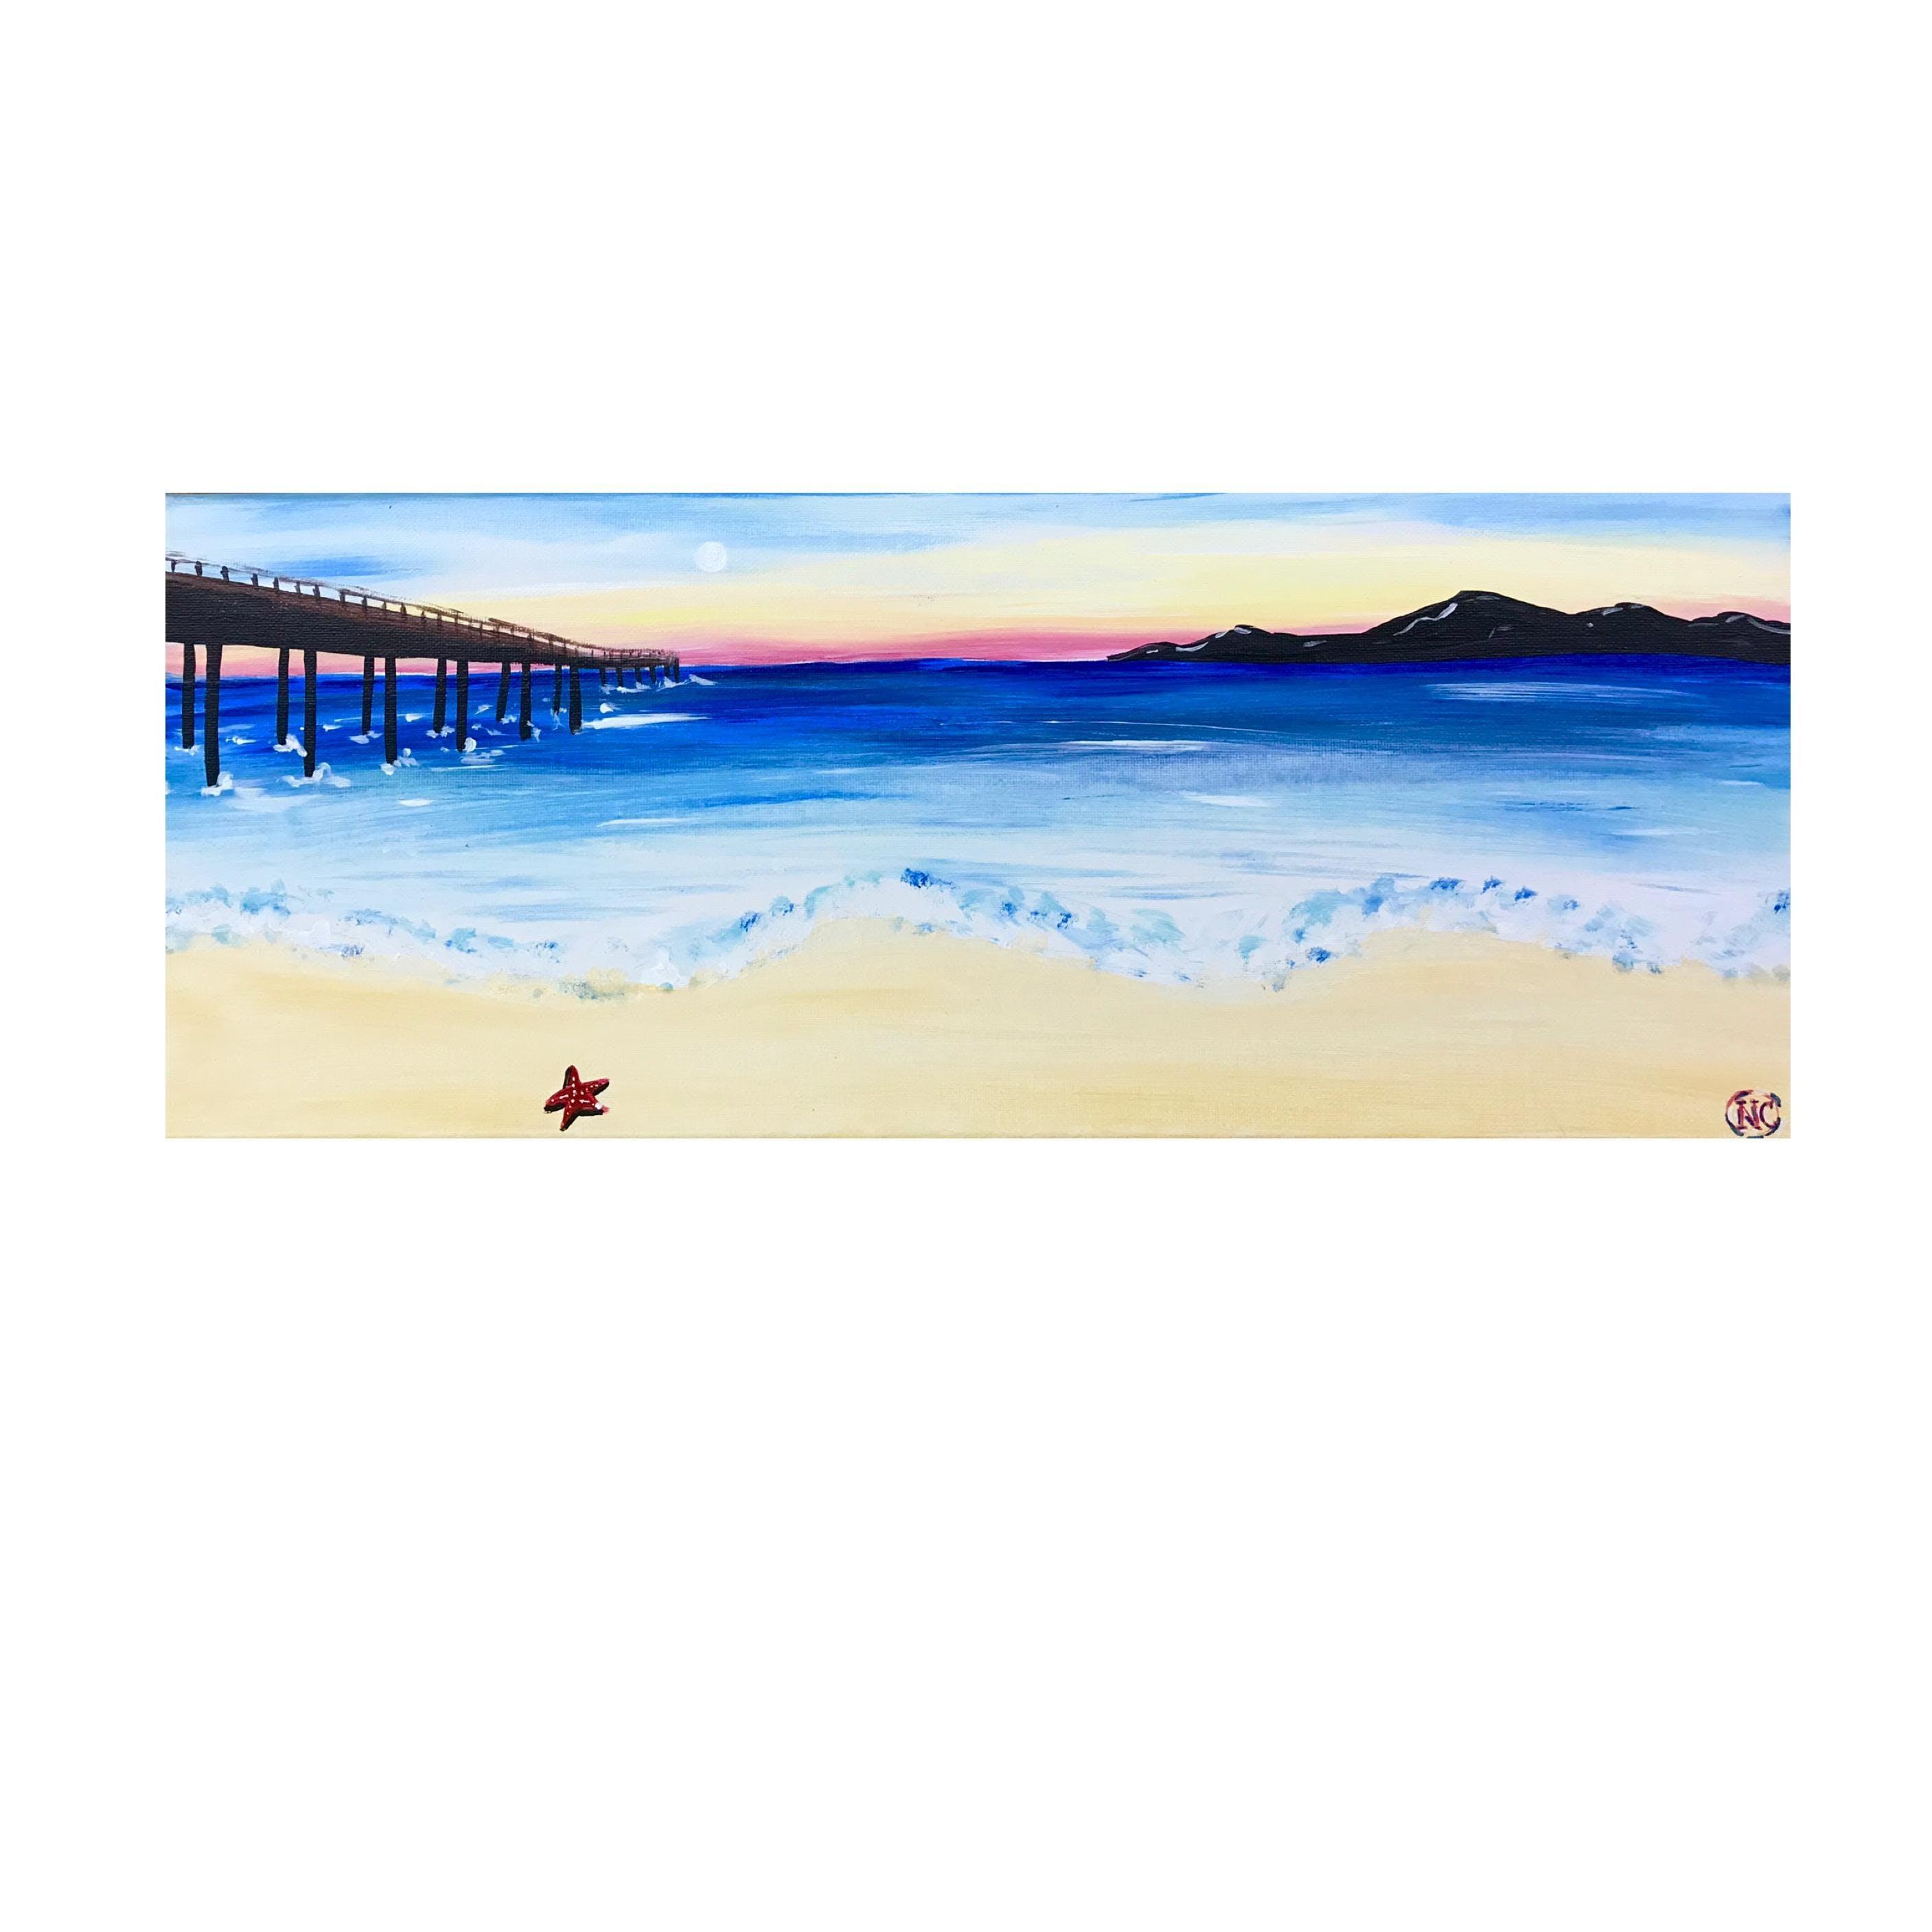 """Adult Open Paint (18yrs+) """"Boardwalk"""""""